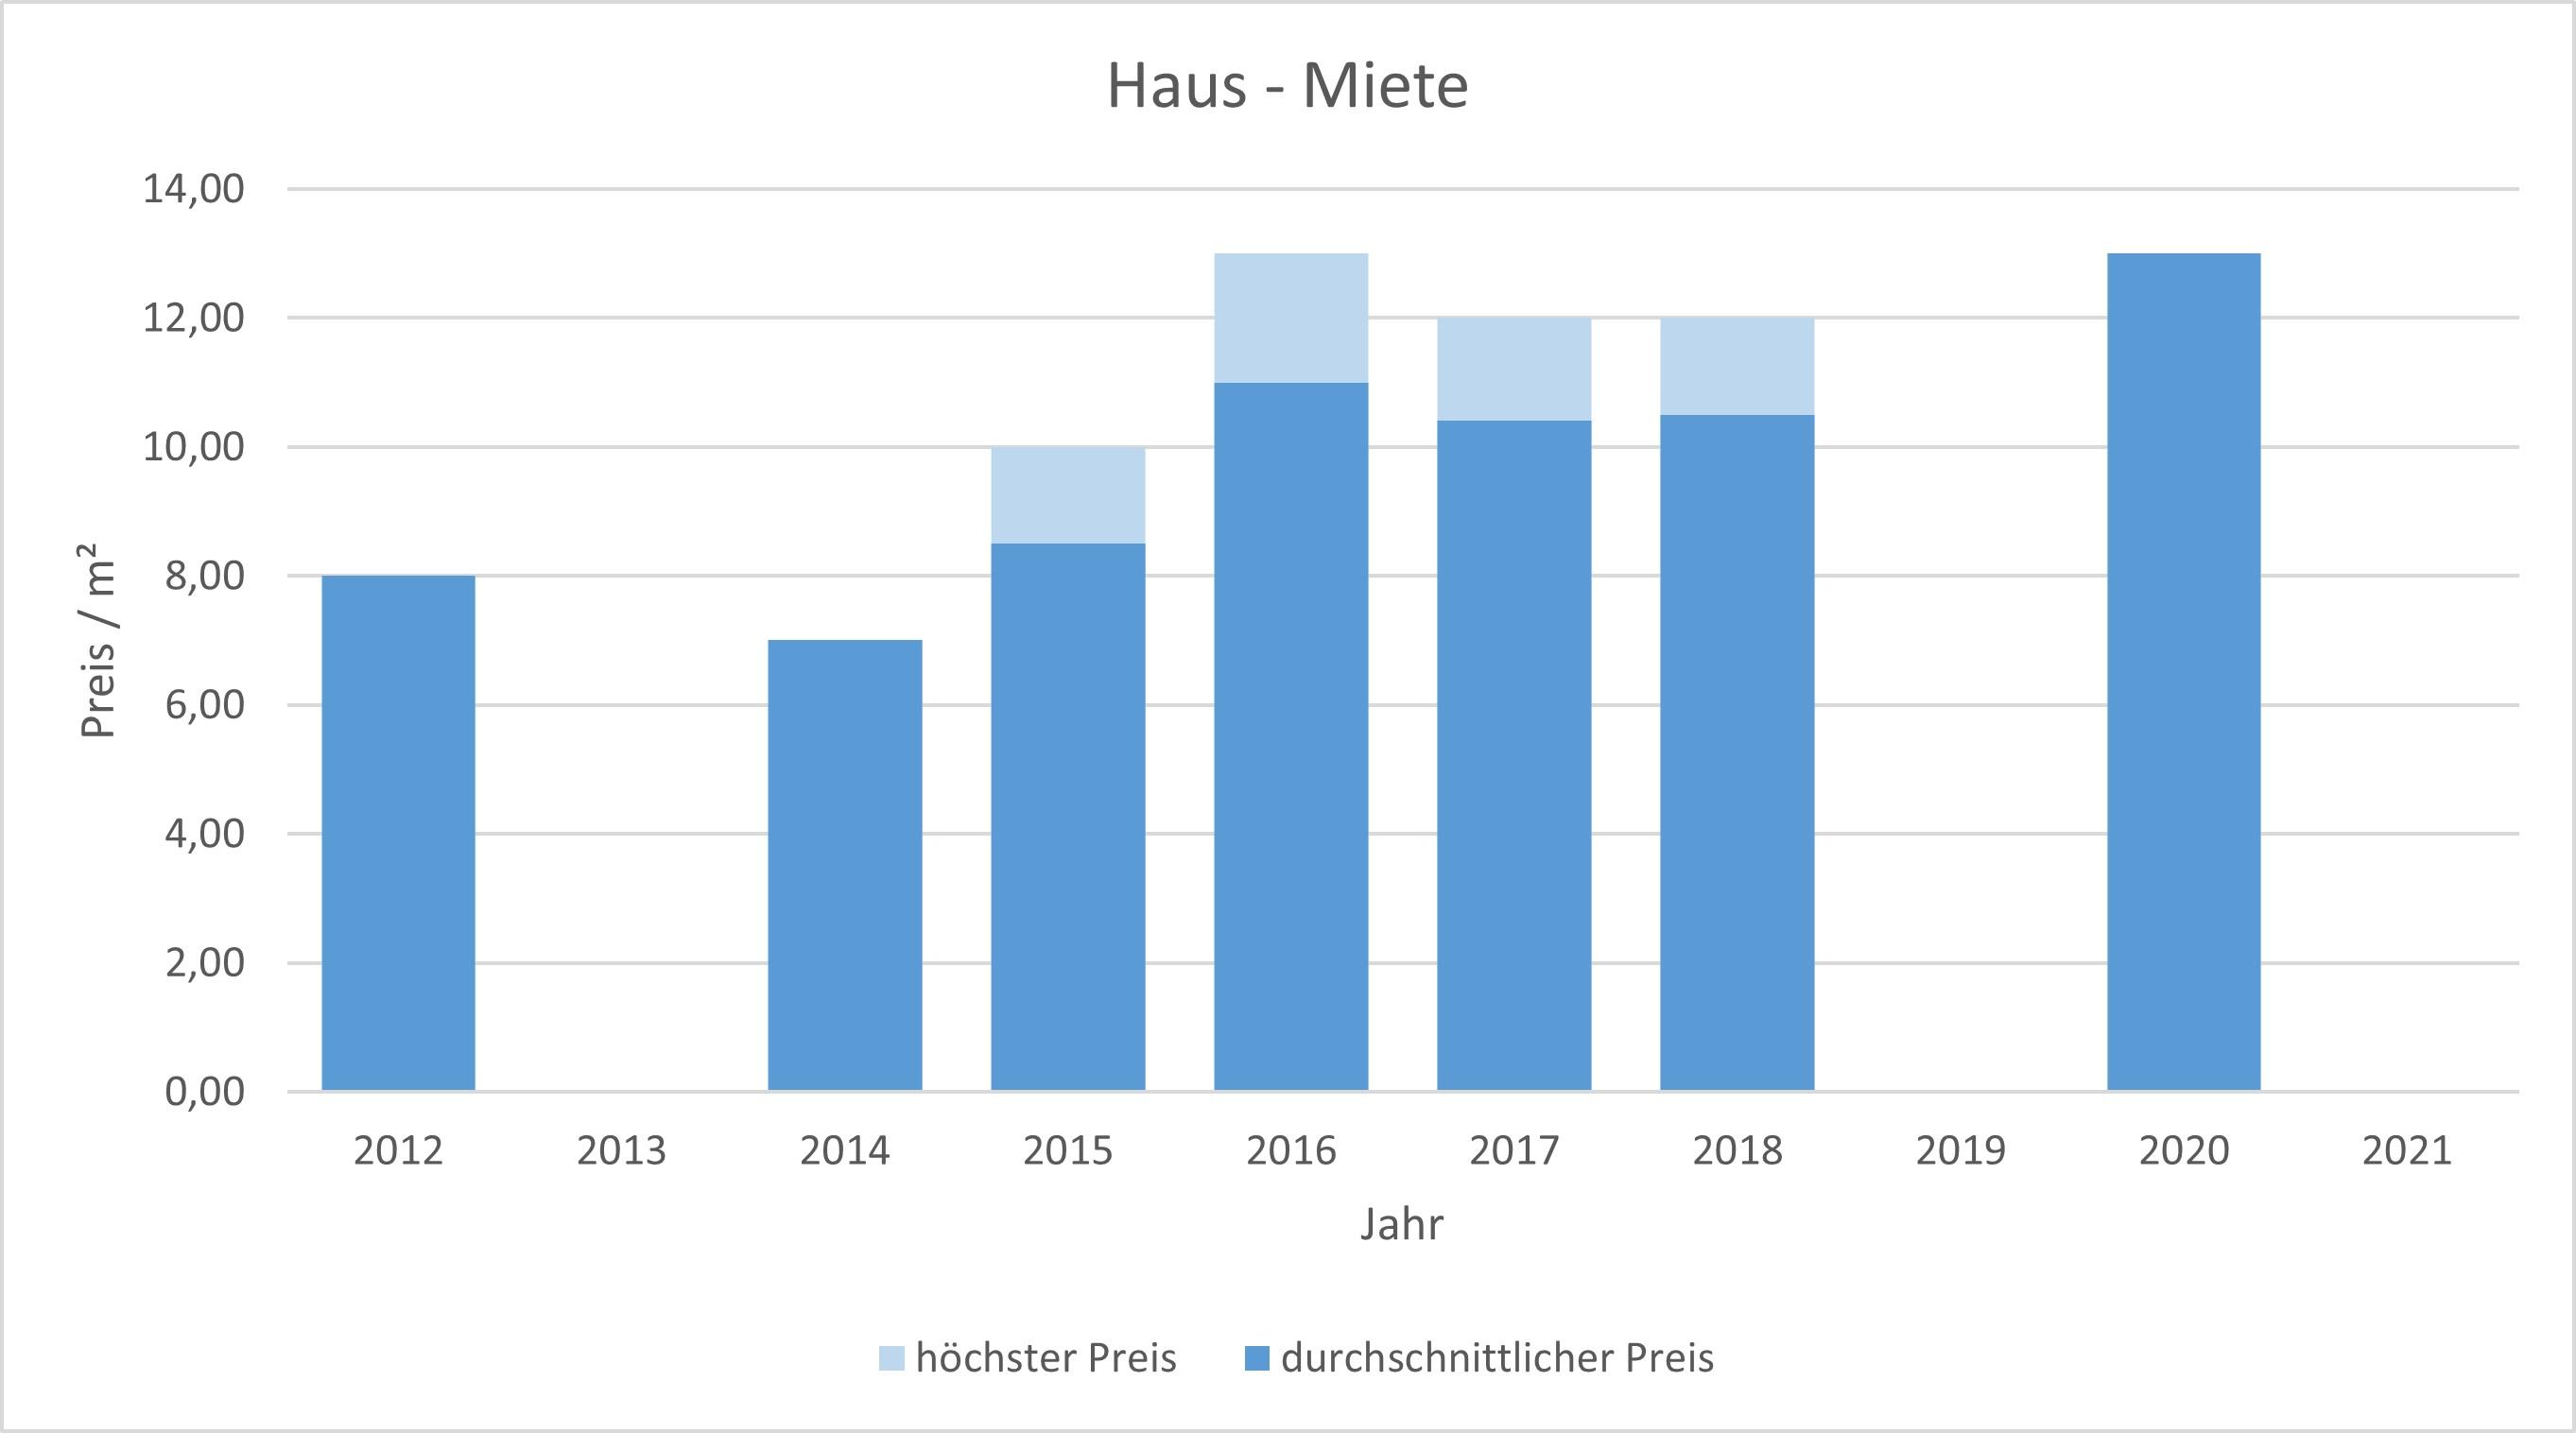 Bruck Haus mieten vermieten  preis bewertung makler www.happy-immo.de 2019, 2020, 2021